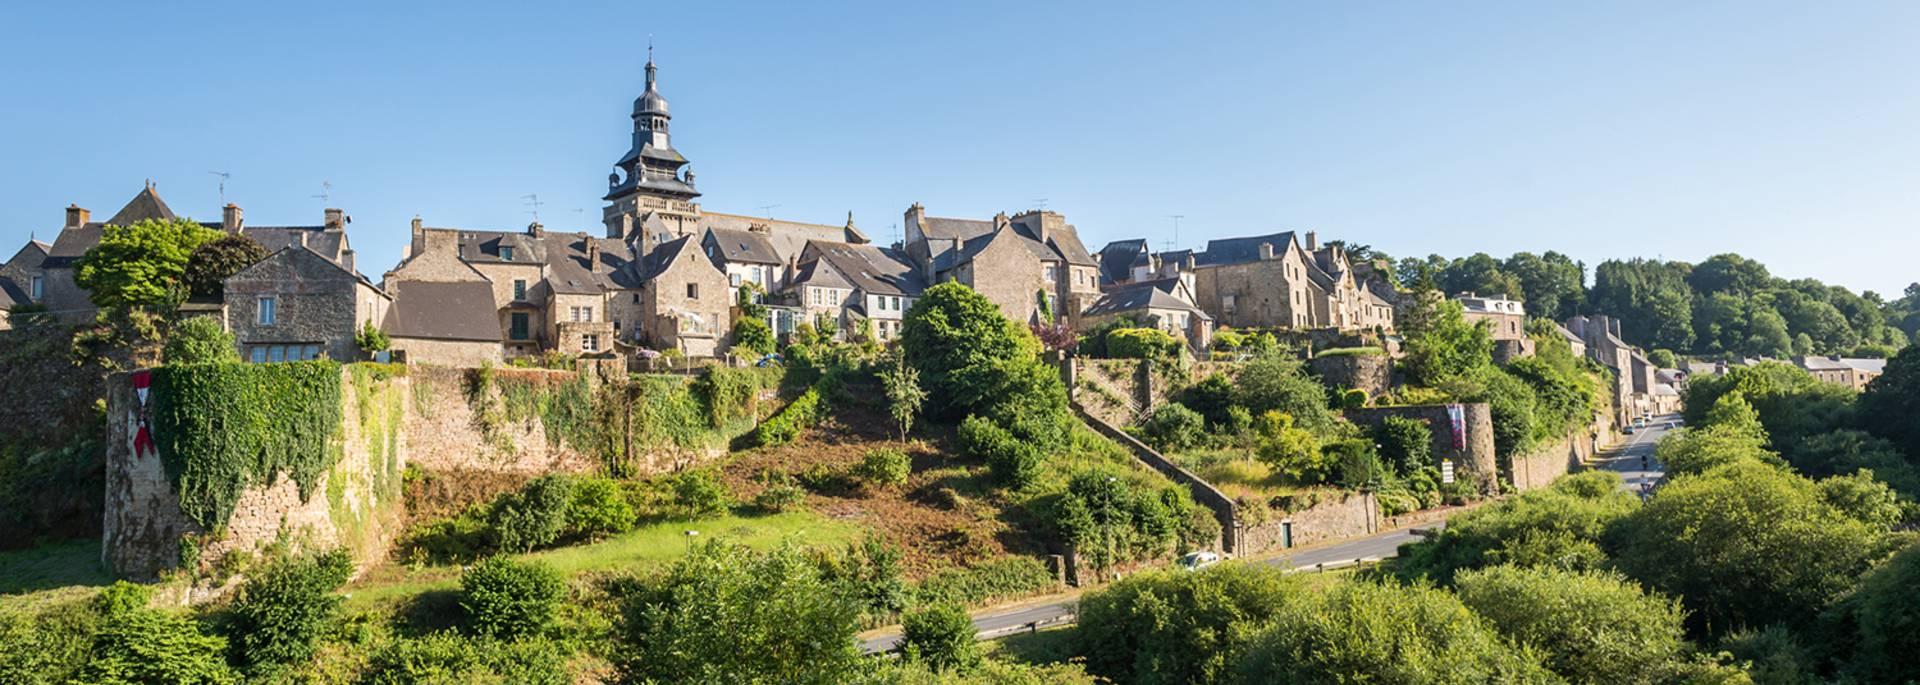 Vue de Moncontour en Bretagne